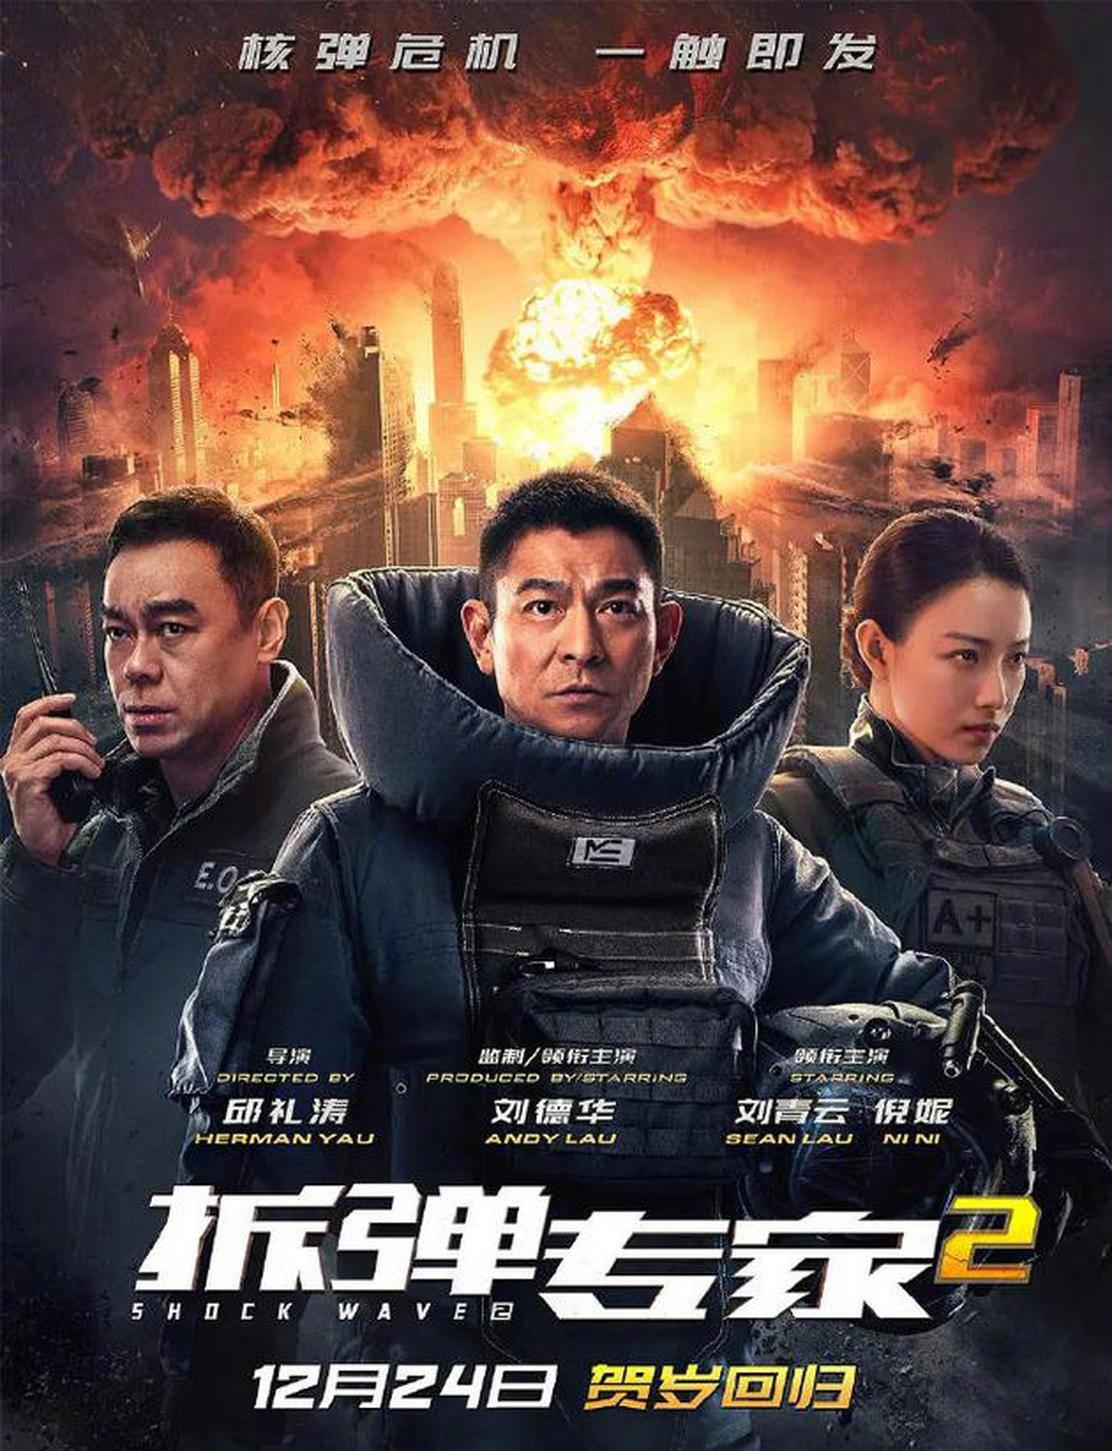 延长上映至2月11日 《拆弹专家2》密钥二次延期